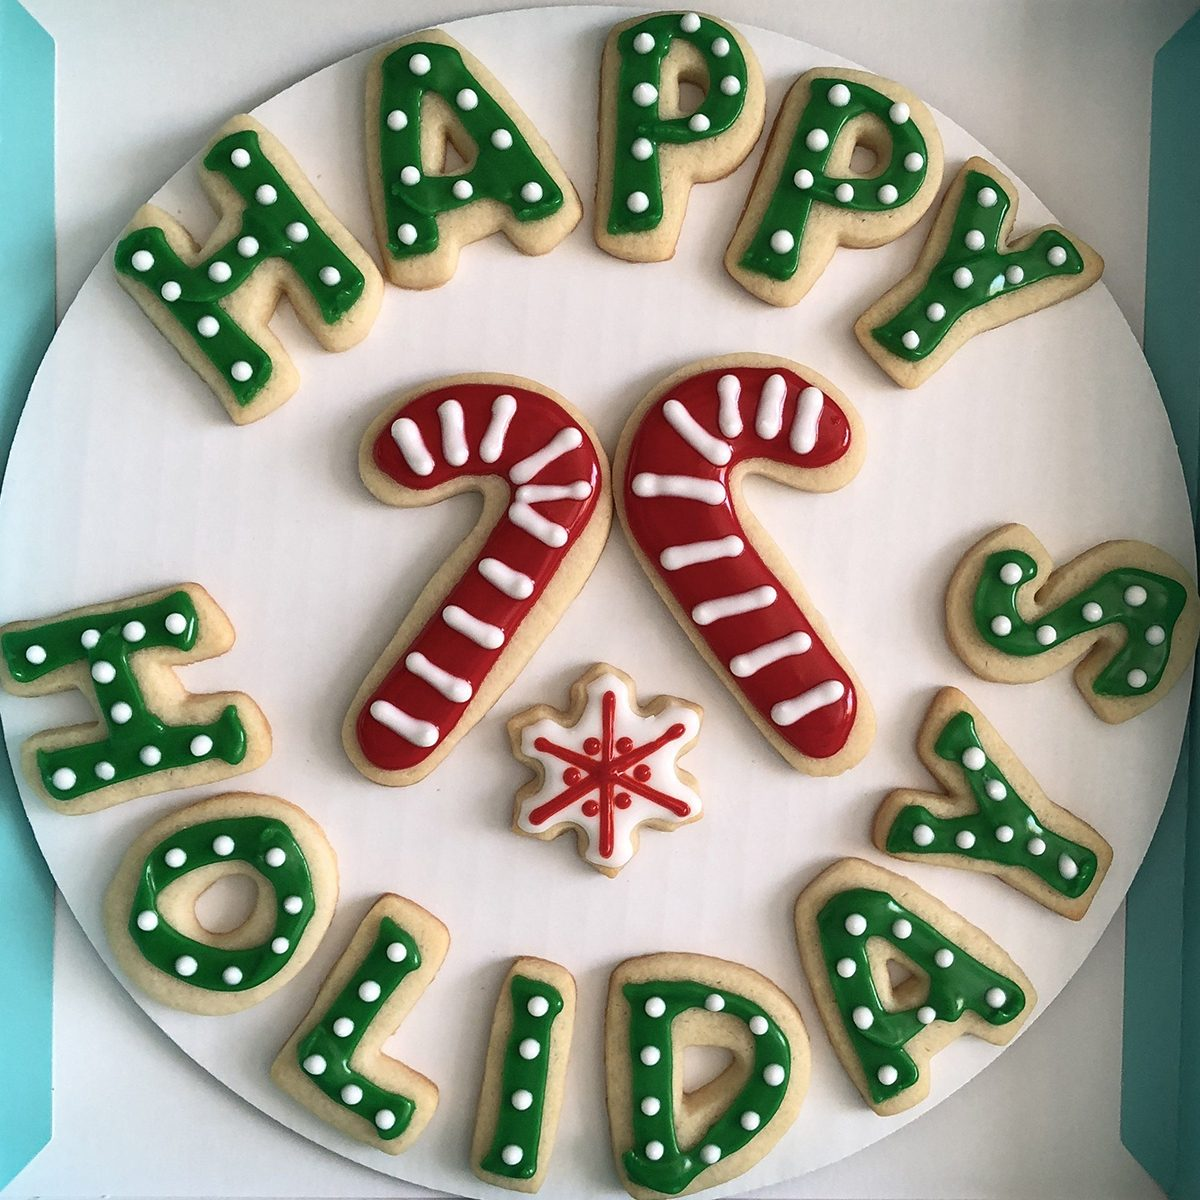 Eat Your Words Cookies